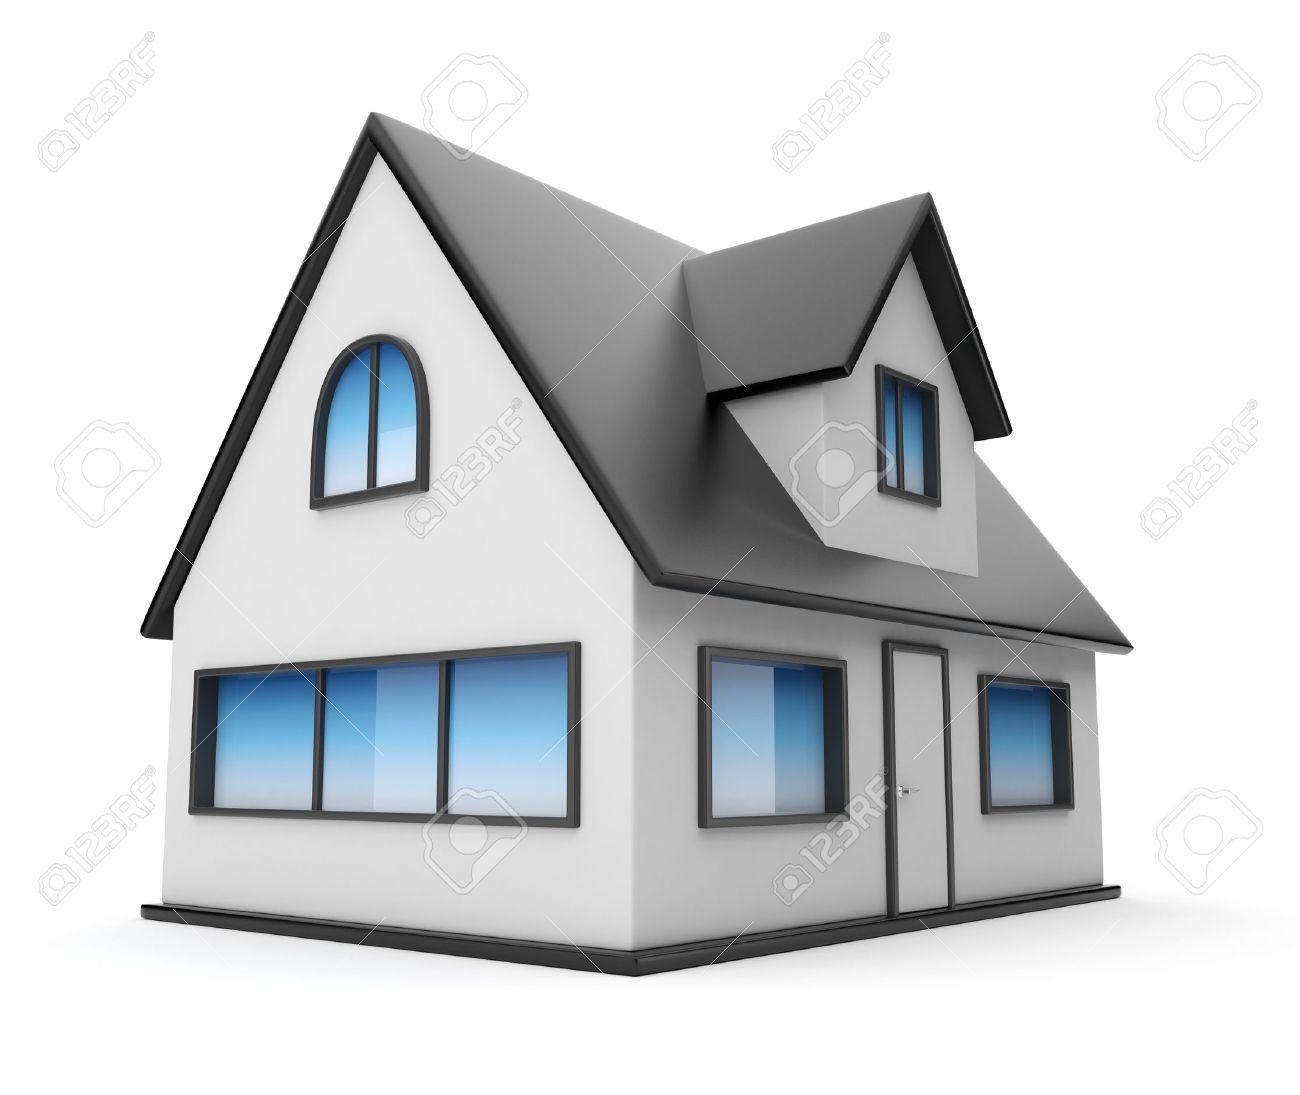 petite maison icone 3d isole sur fond blanc